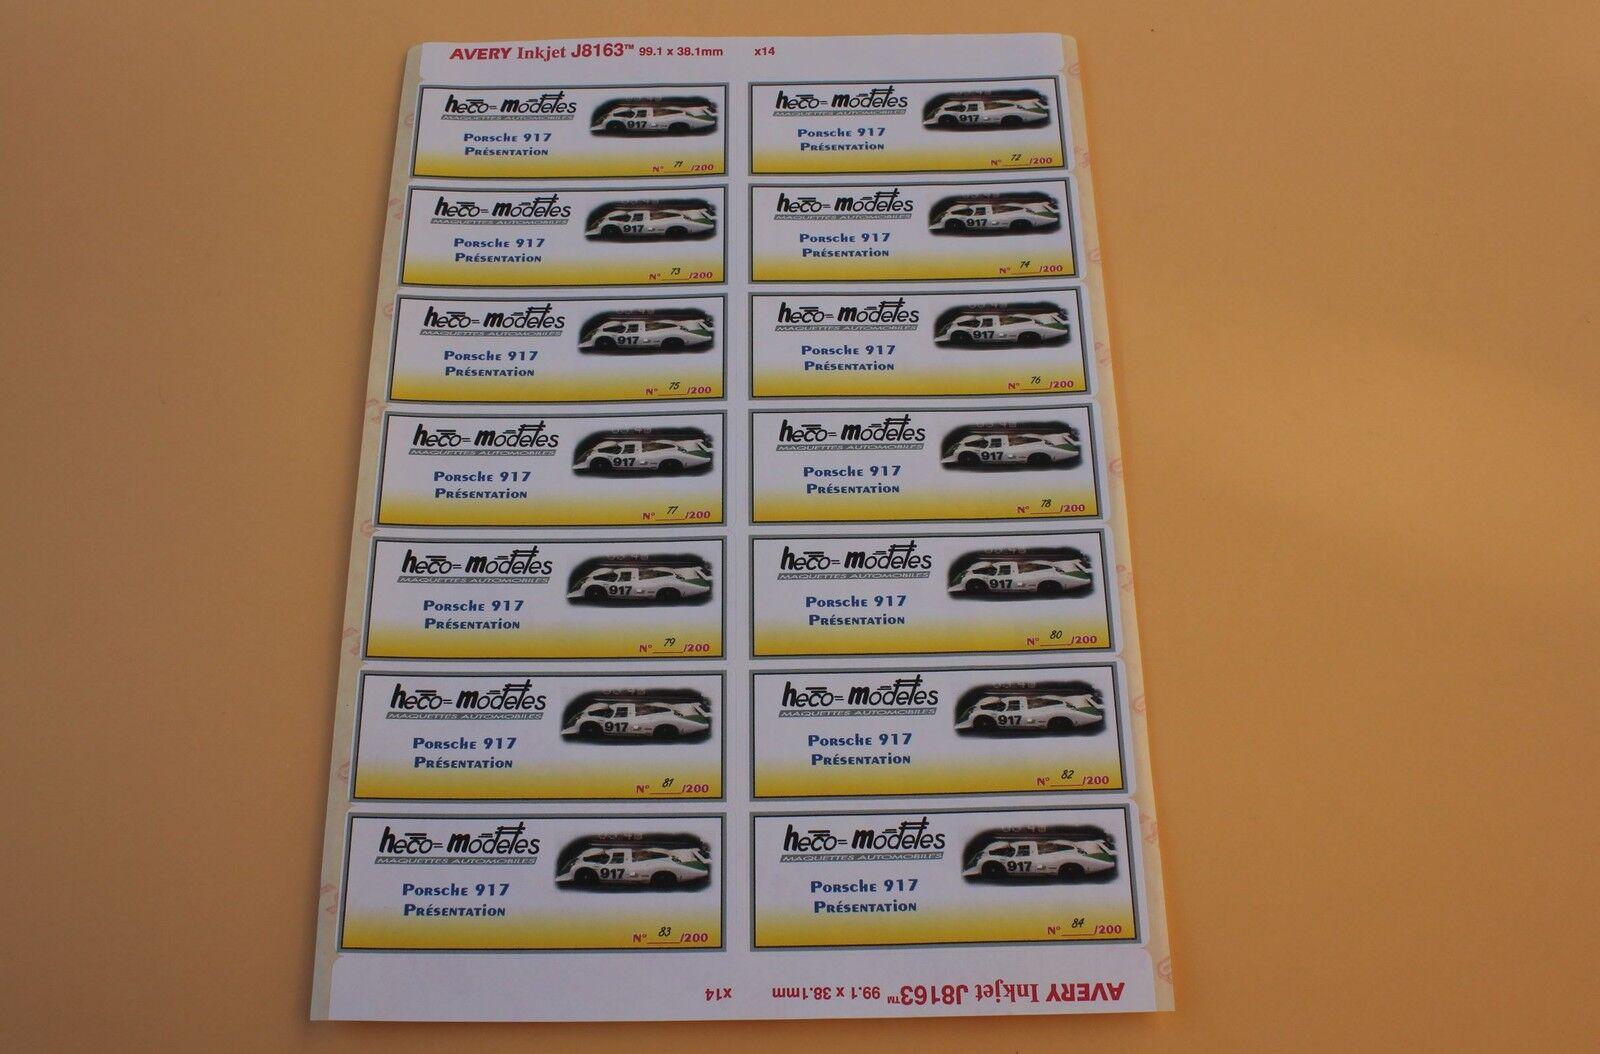 QJb 1 planche 14 ex étiquette autocollant Porsche Porsche Porsche 917 LH Présentation Heco f4aeeb